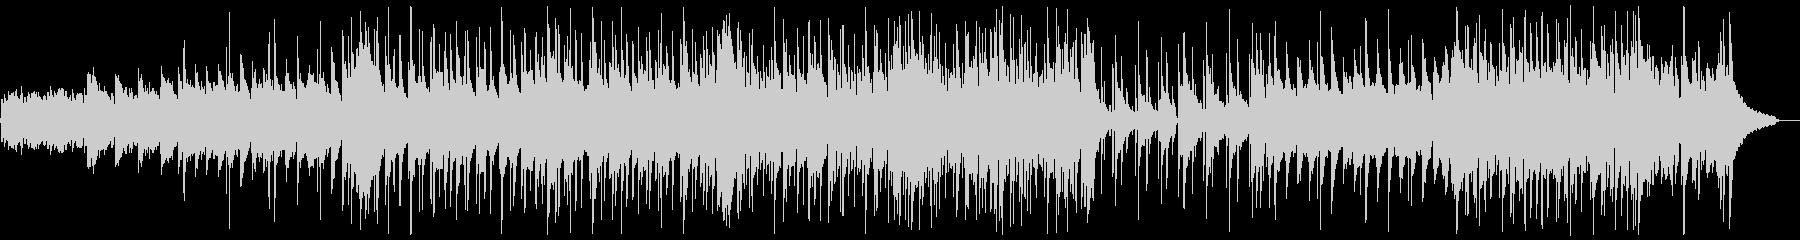 明るいフォークギターポップス:ピアノ抜きの未再生の波形